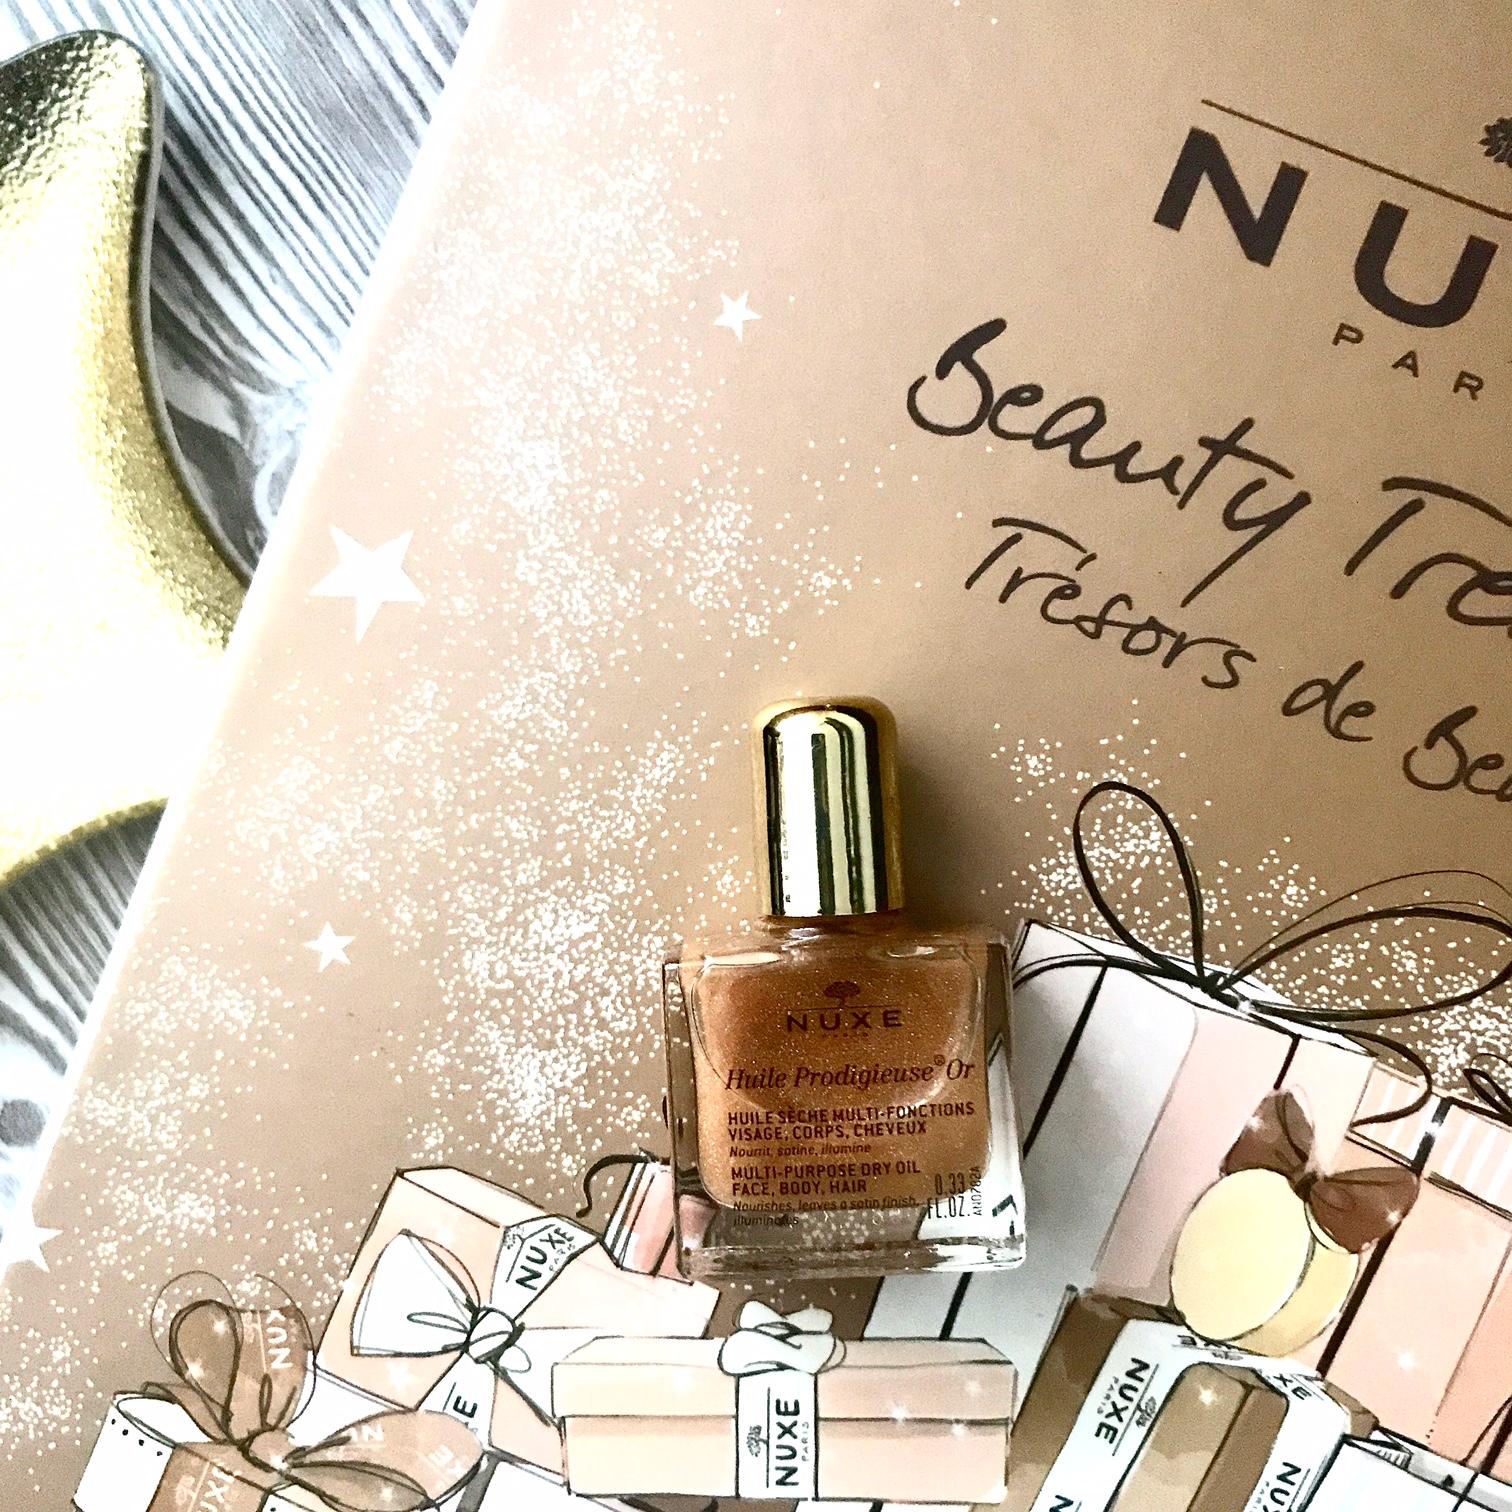 zdjęcie przedstawiające Nuxe Huile Prodigieuse OR olejek suchy w sprayu